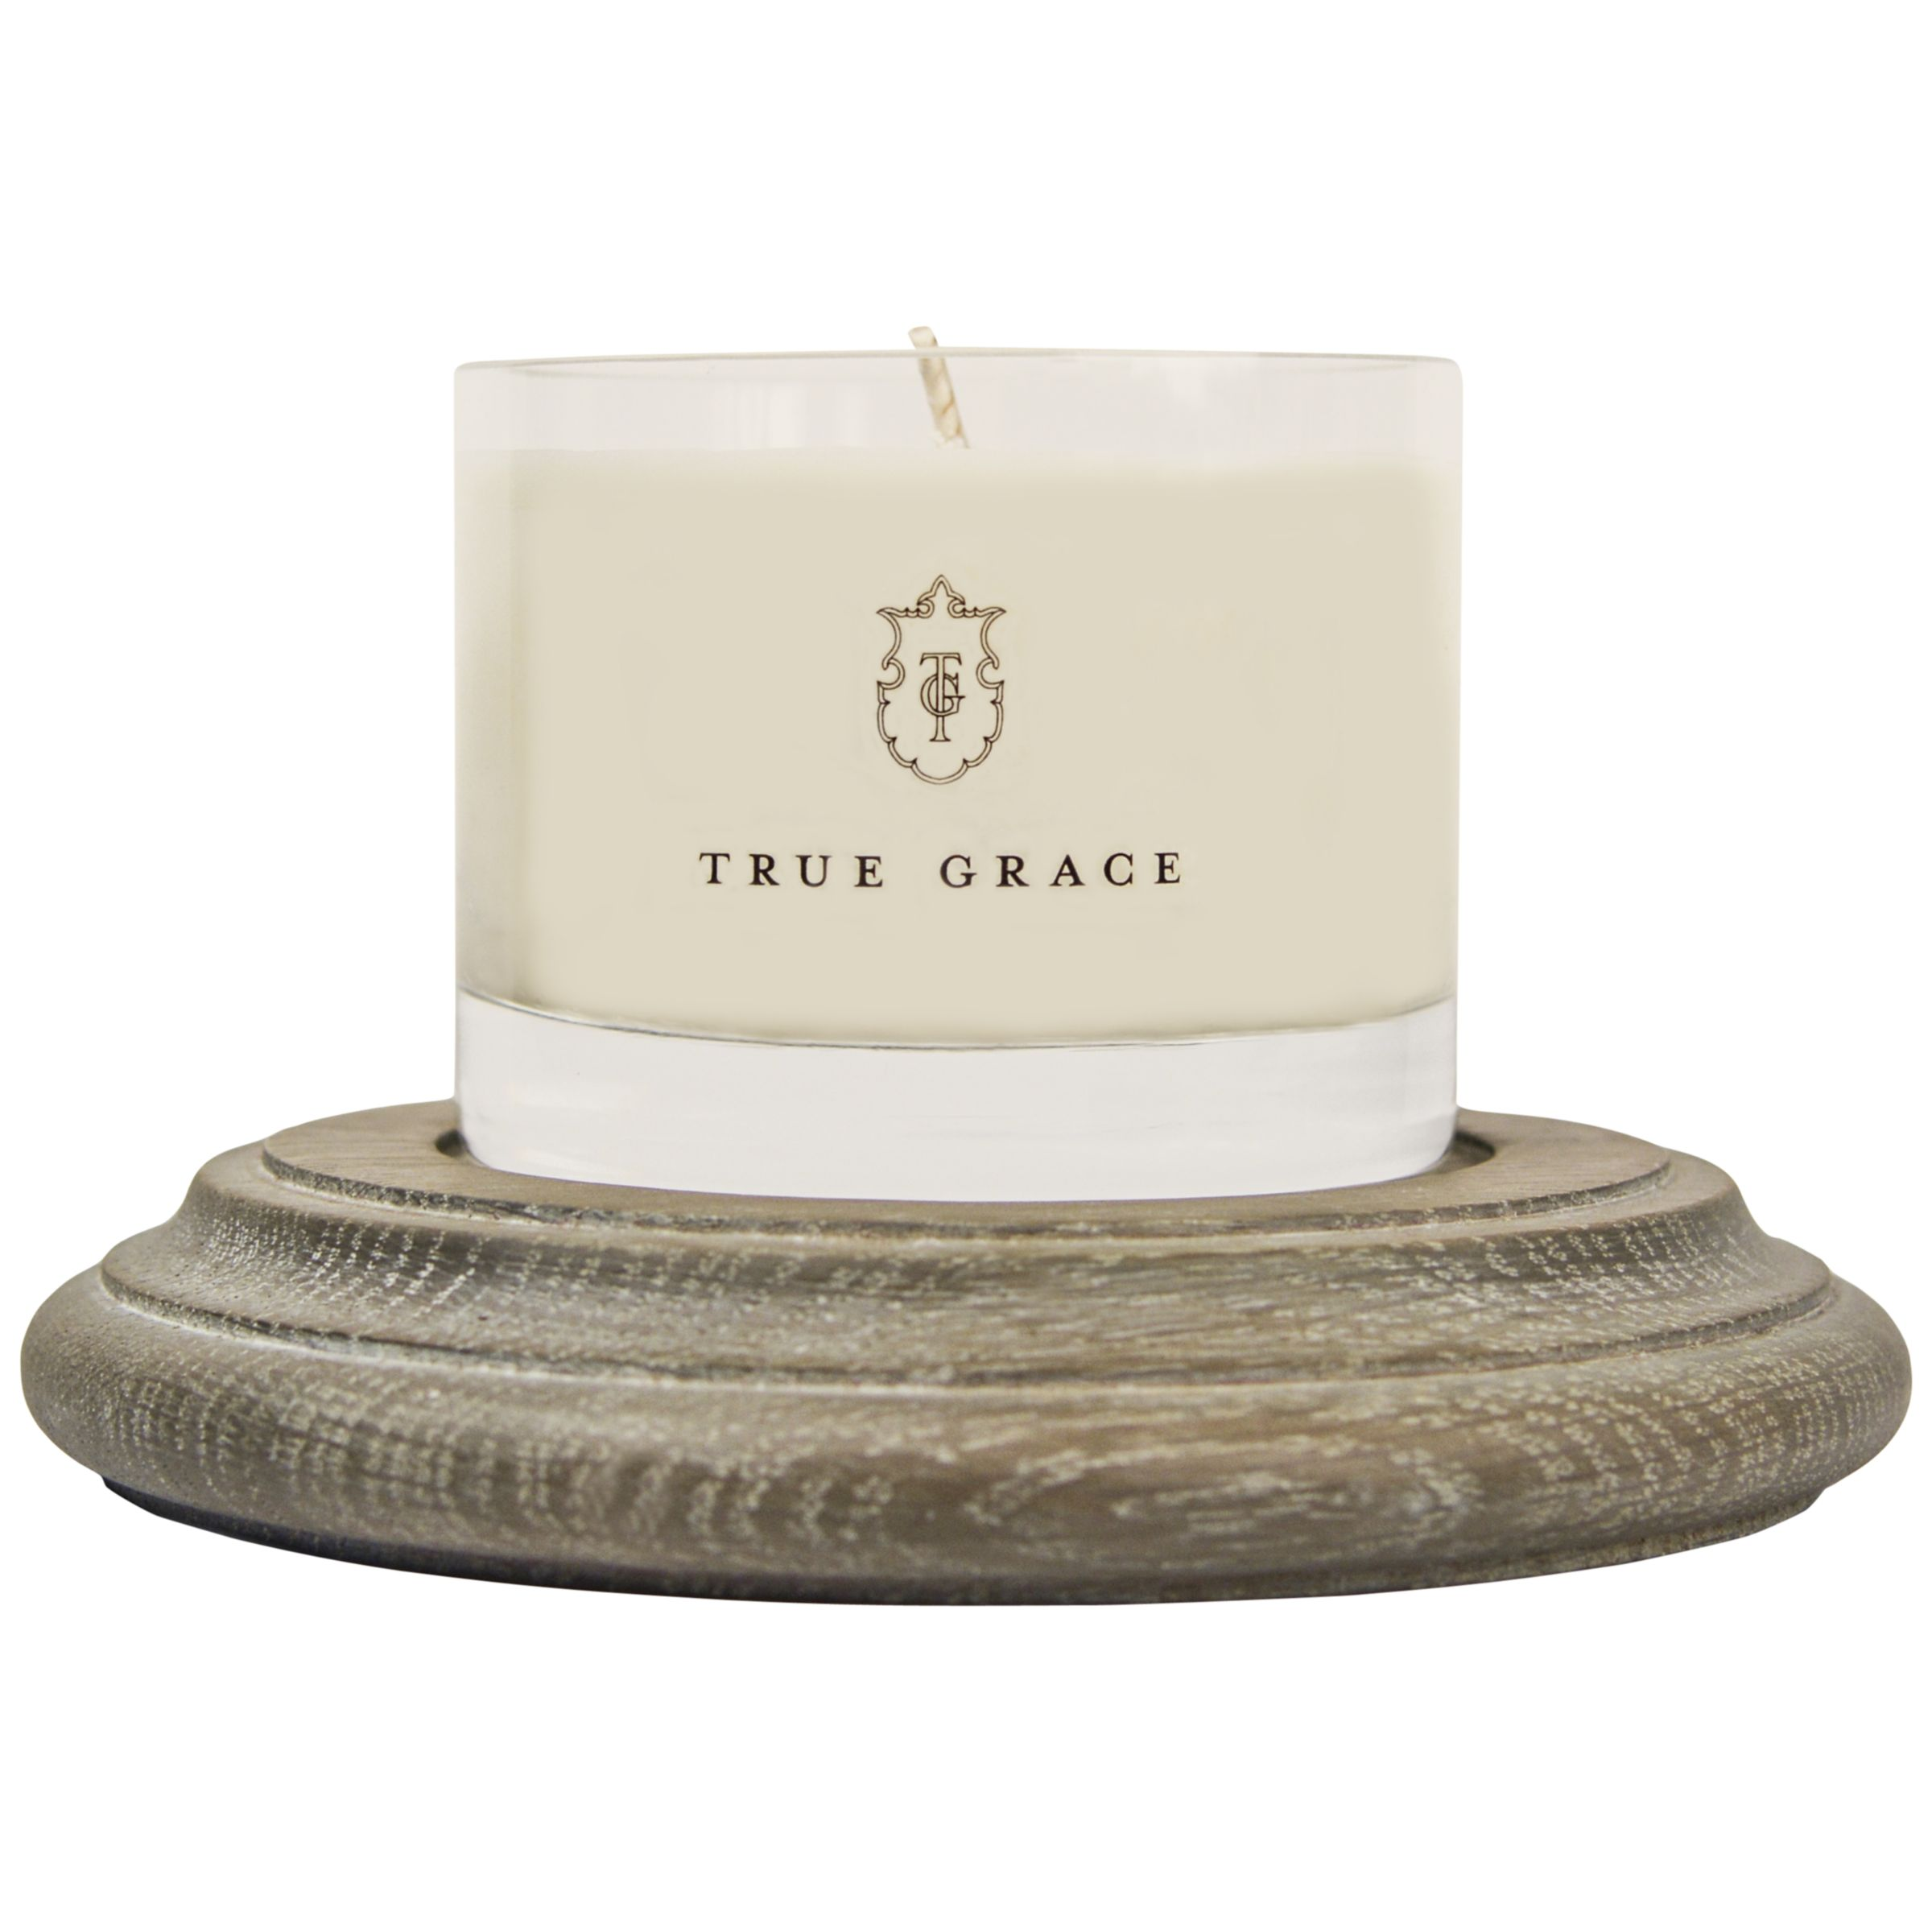 True Grace True Grace Oak Plinth Candle Holder